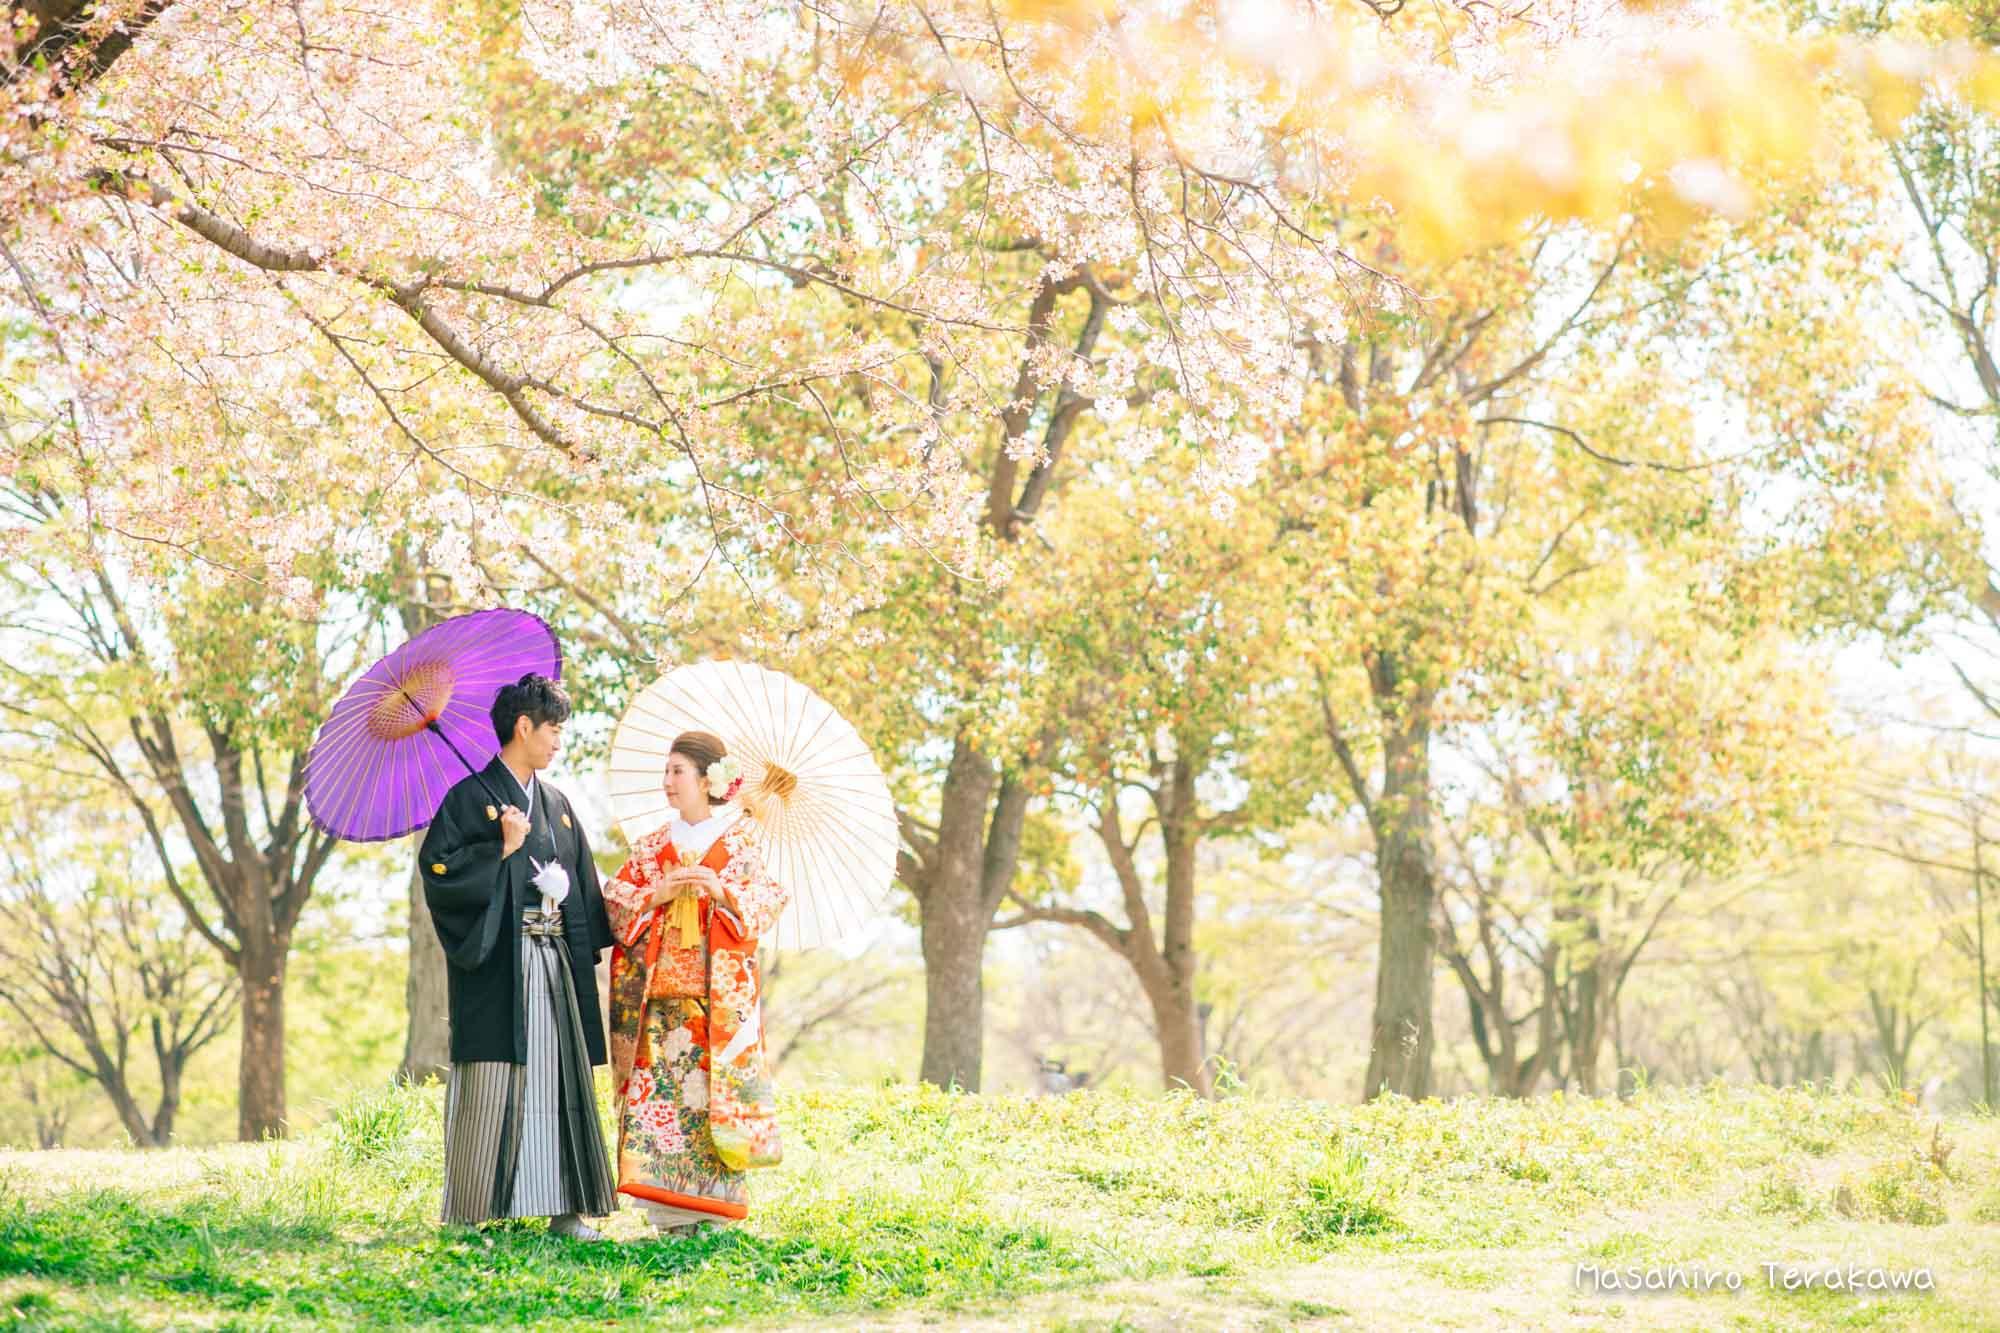 【大阪】鶴見緑地公園で結婚式の和装・洋装前撮り3